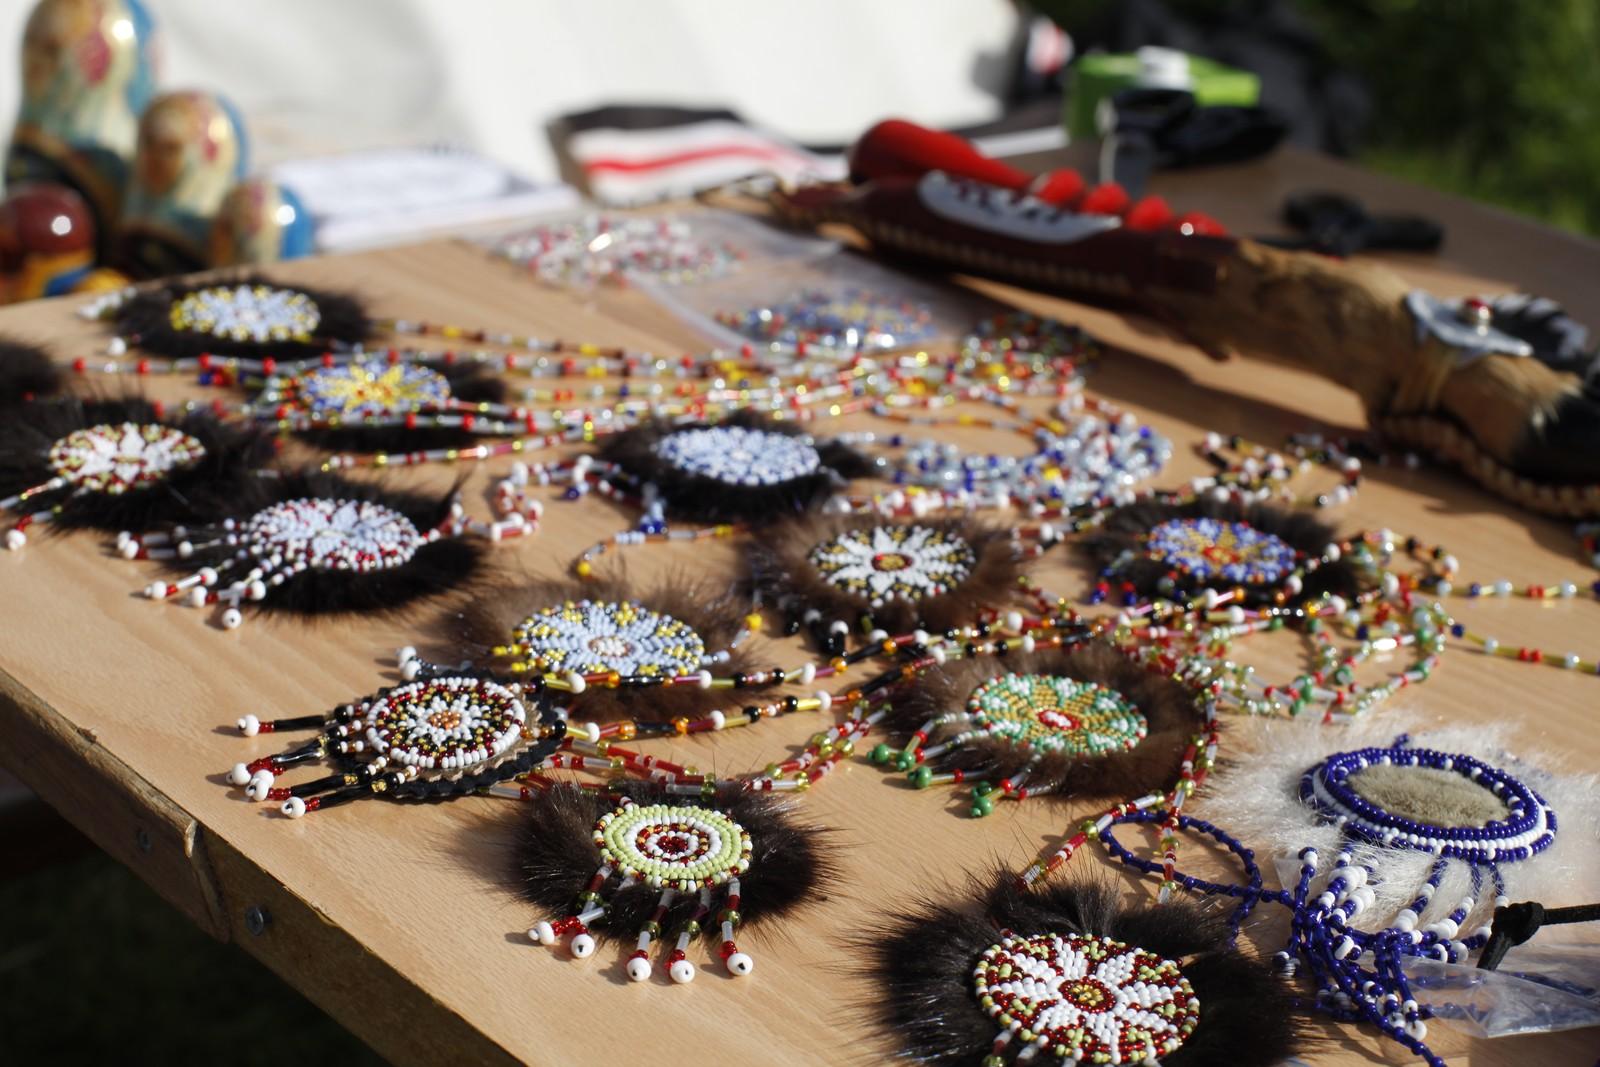 Disse smykkene av perler skal forestille solen, som gir beskyttelse til mennesket.